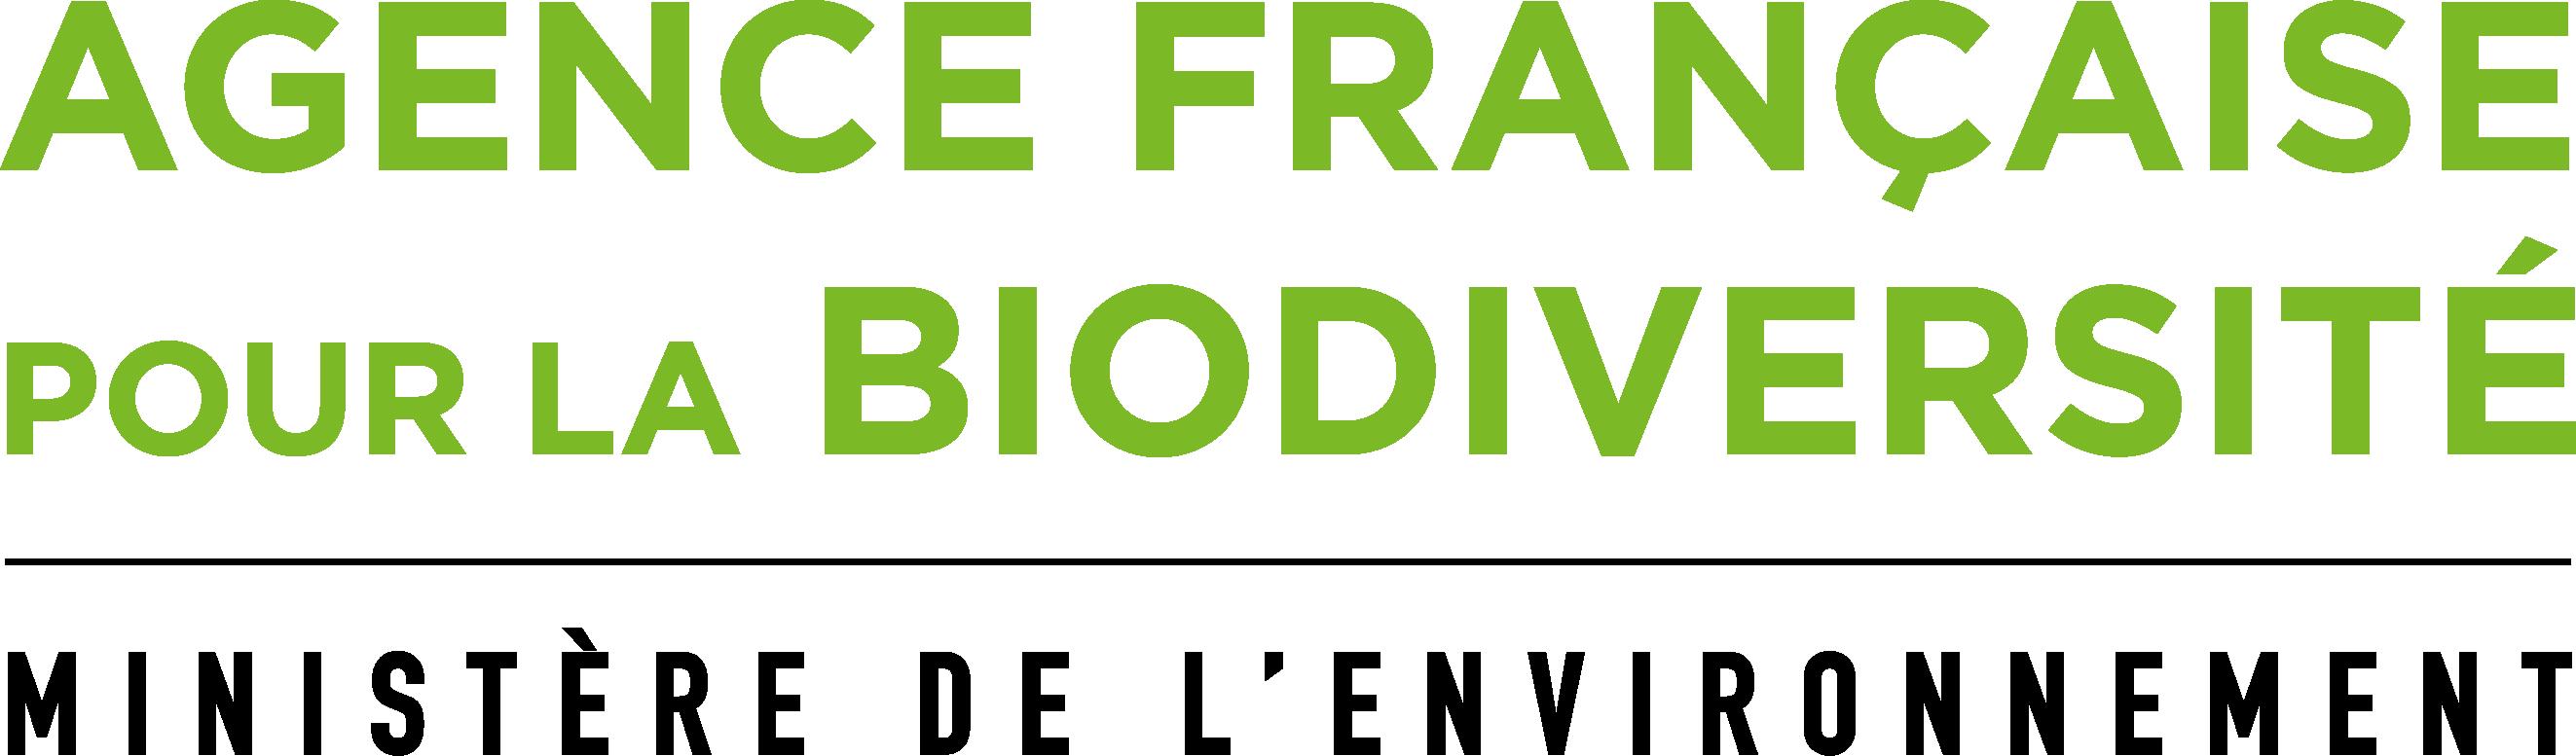 AFB Agence française pour la biodiversité